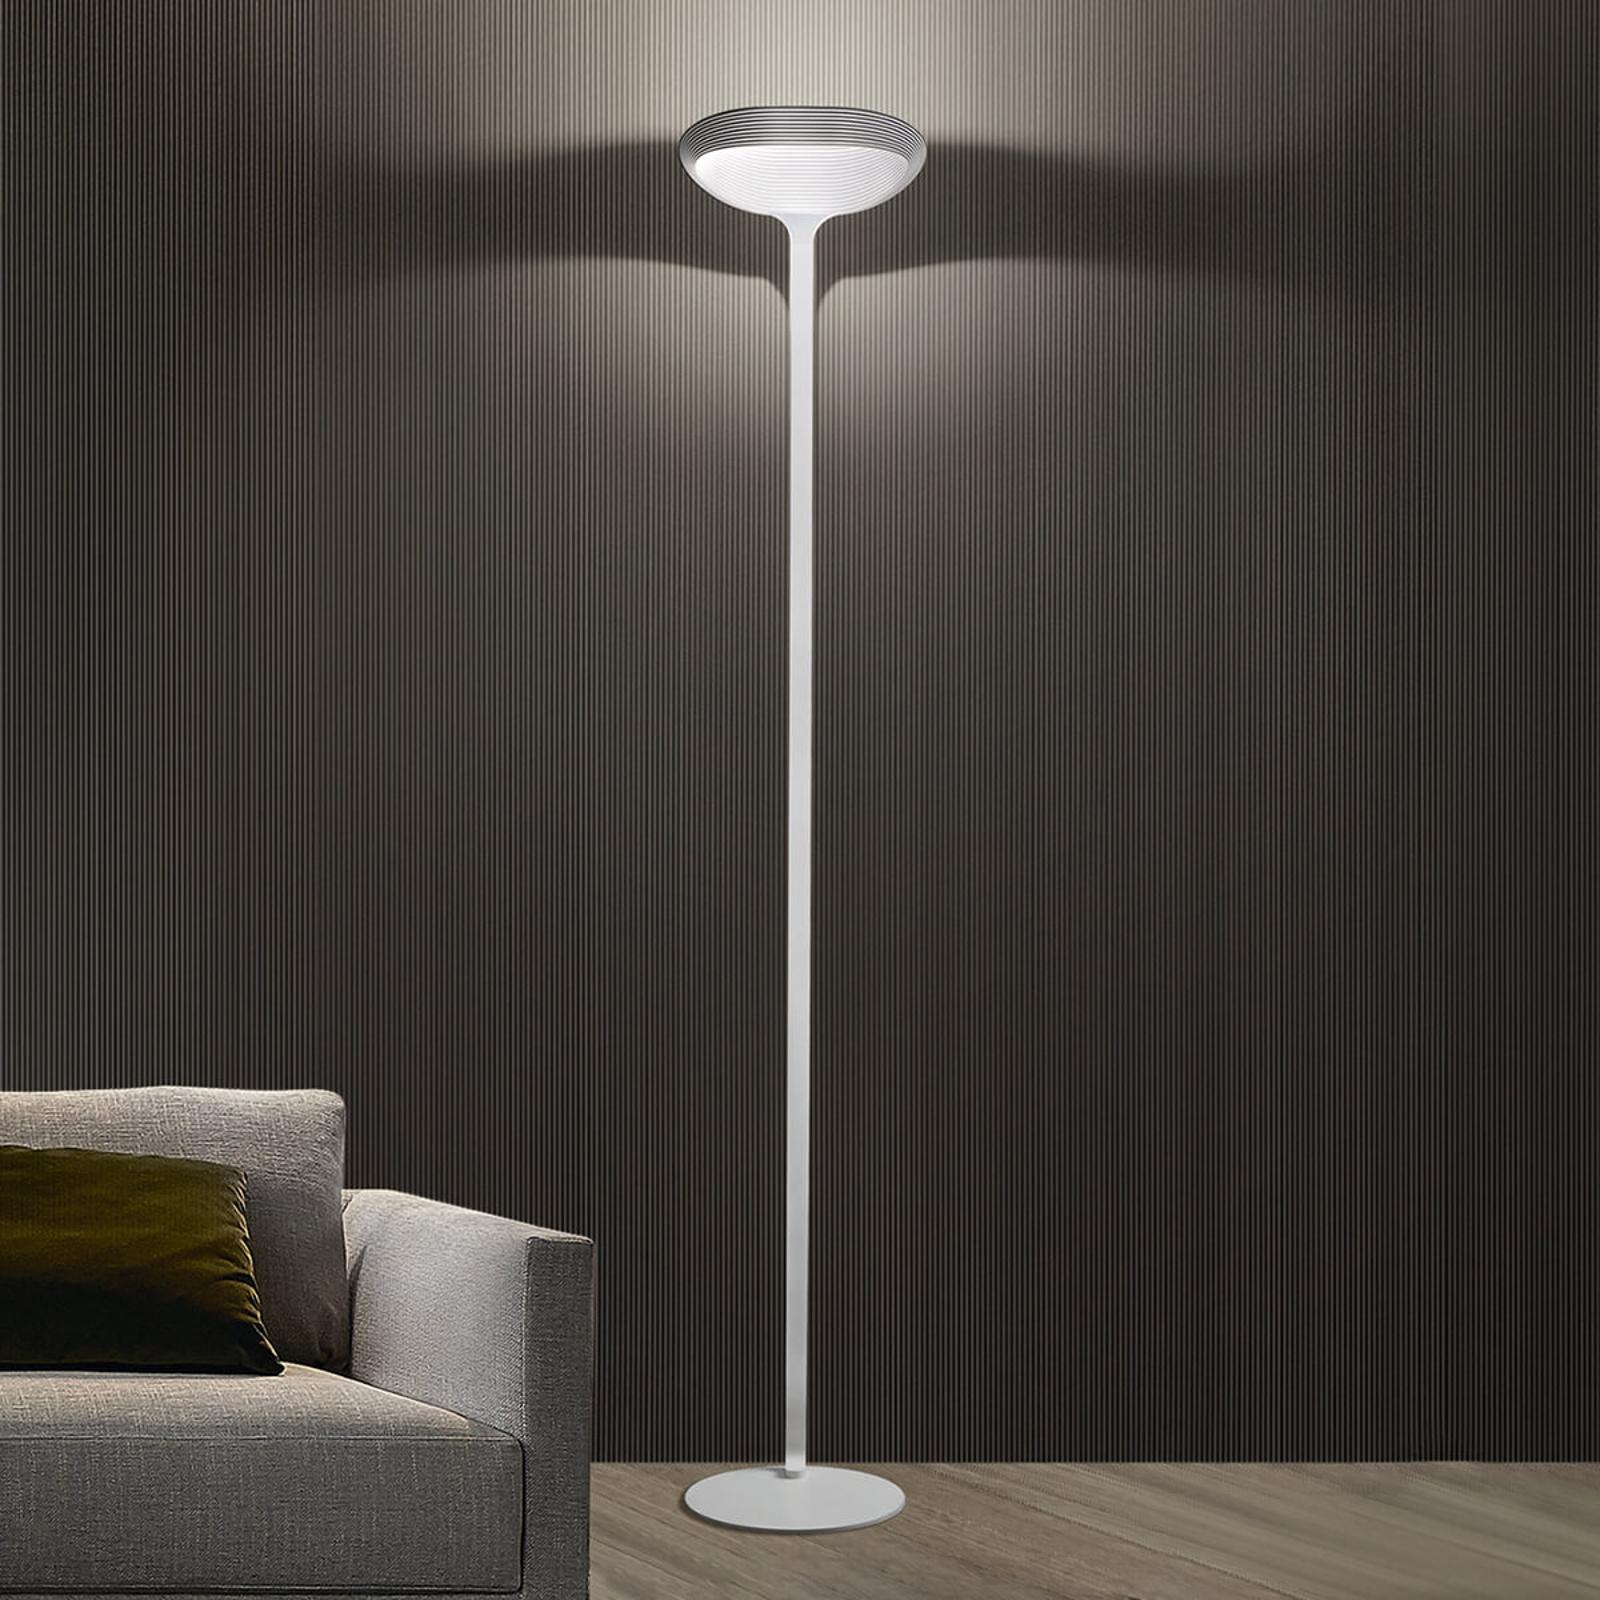 Cini&Nils Sestessa Terra LED-gulvlampe med dimmer